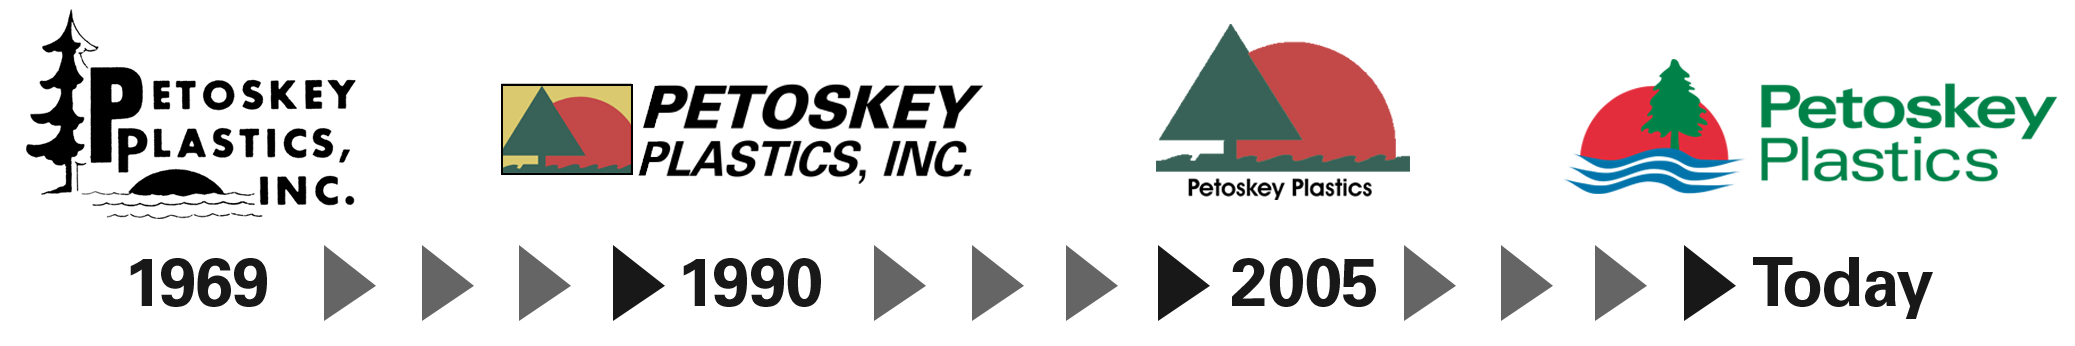 Logo evolution timeline